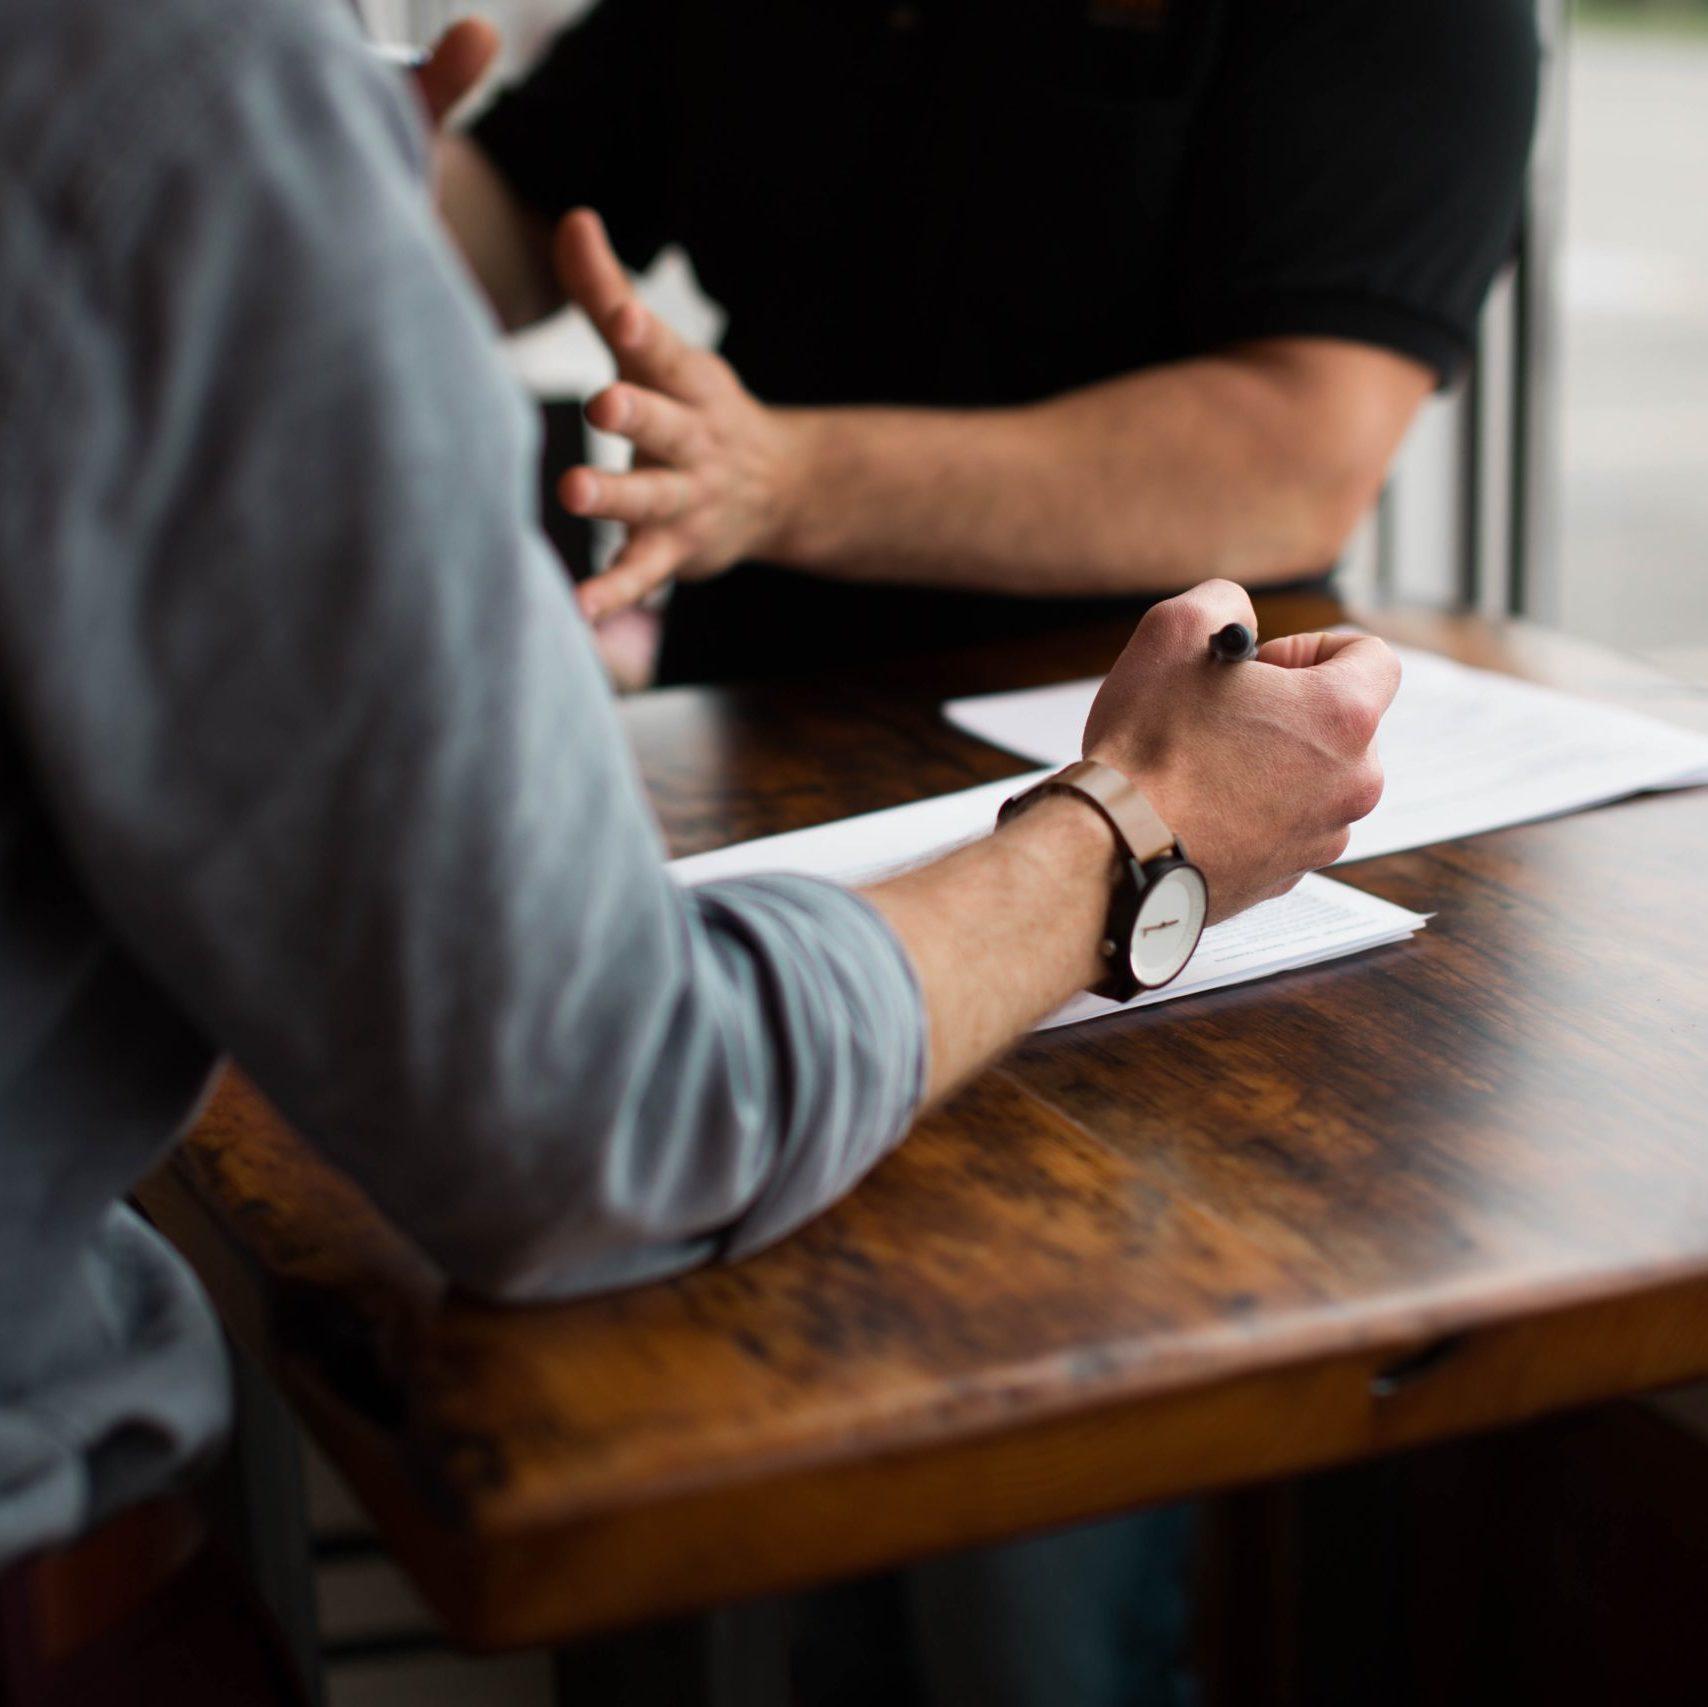 Stivo Consultancy | Voorraadbeheer voor productiebedrijven | Stivo helpt